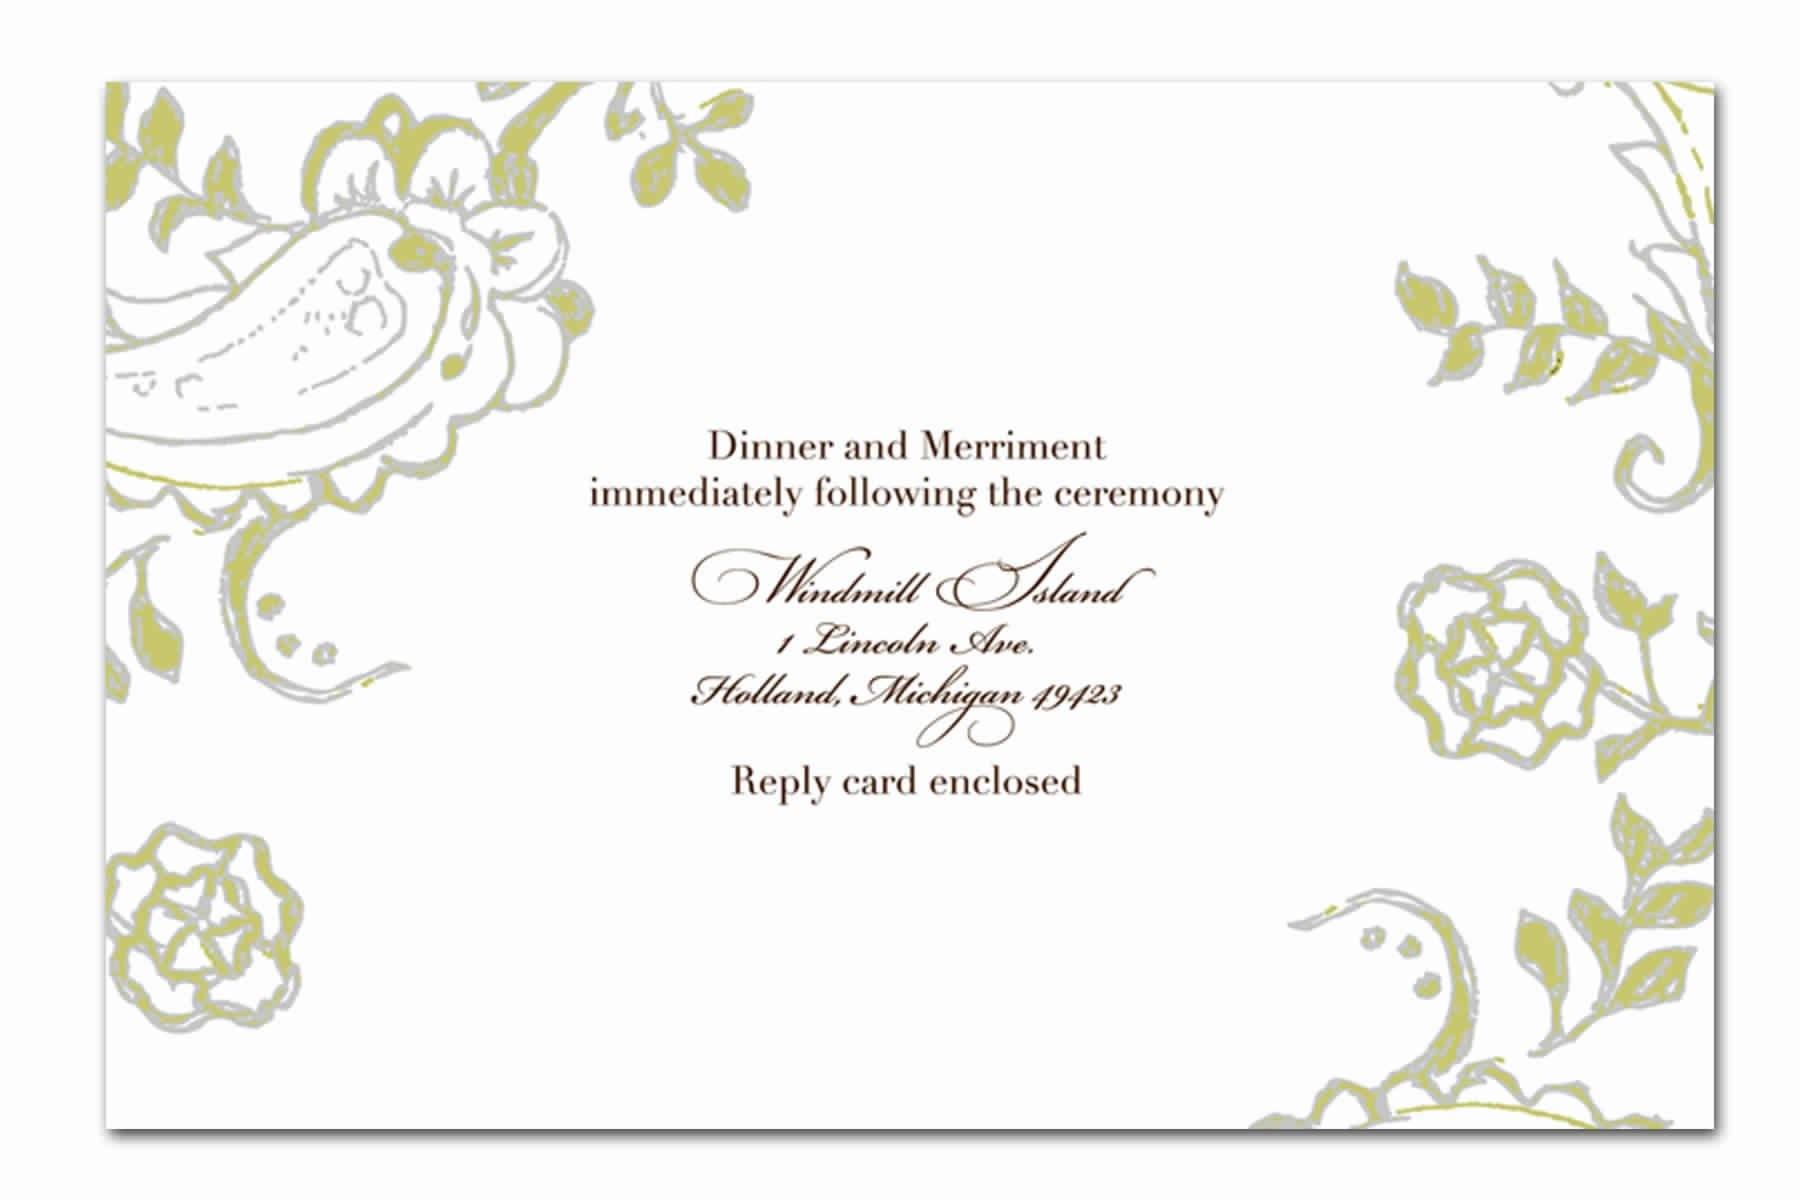 carte d invitation anniversaire 70 ans gratuite à imprimer Carte d invitation gratuite pour anniversaire 70 ans